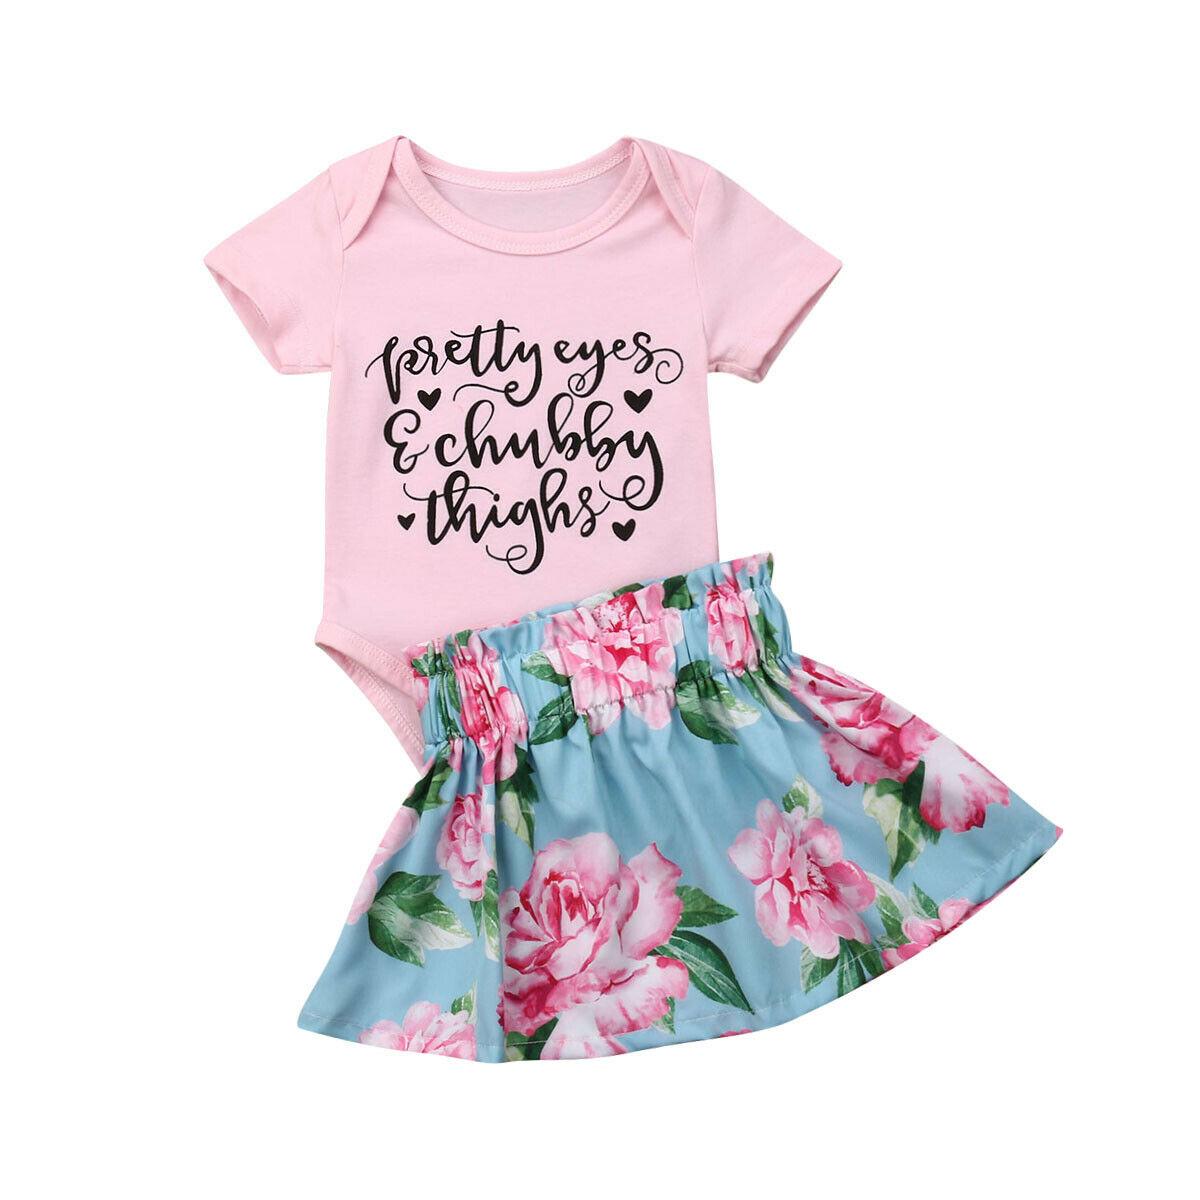 0-24 M Nette Neugeborene Baby Mädchen Kurzarm Brief Drucken Baumwolle Body Tops Floral Rock 2 Pcs Outfits Prinzessin Mädchen Kleidung SchöN In Farbe